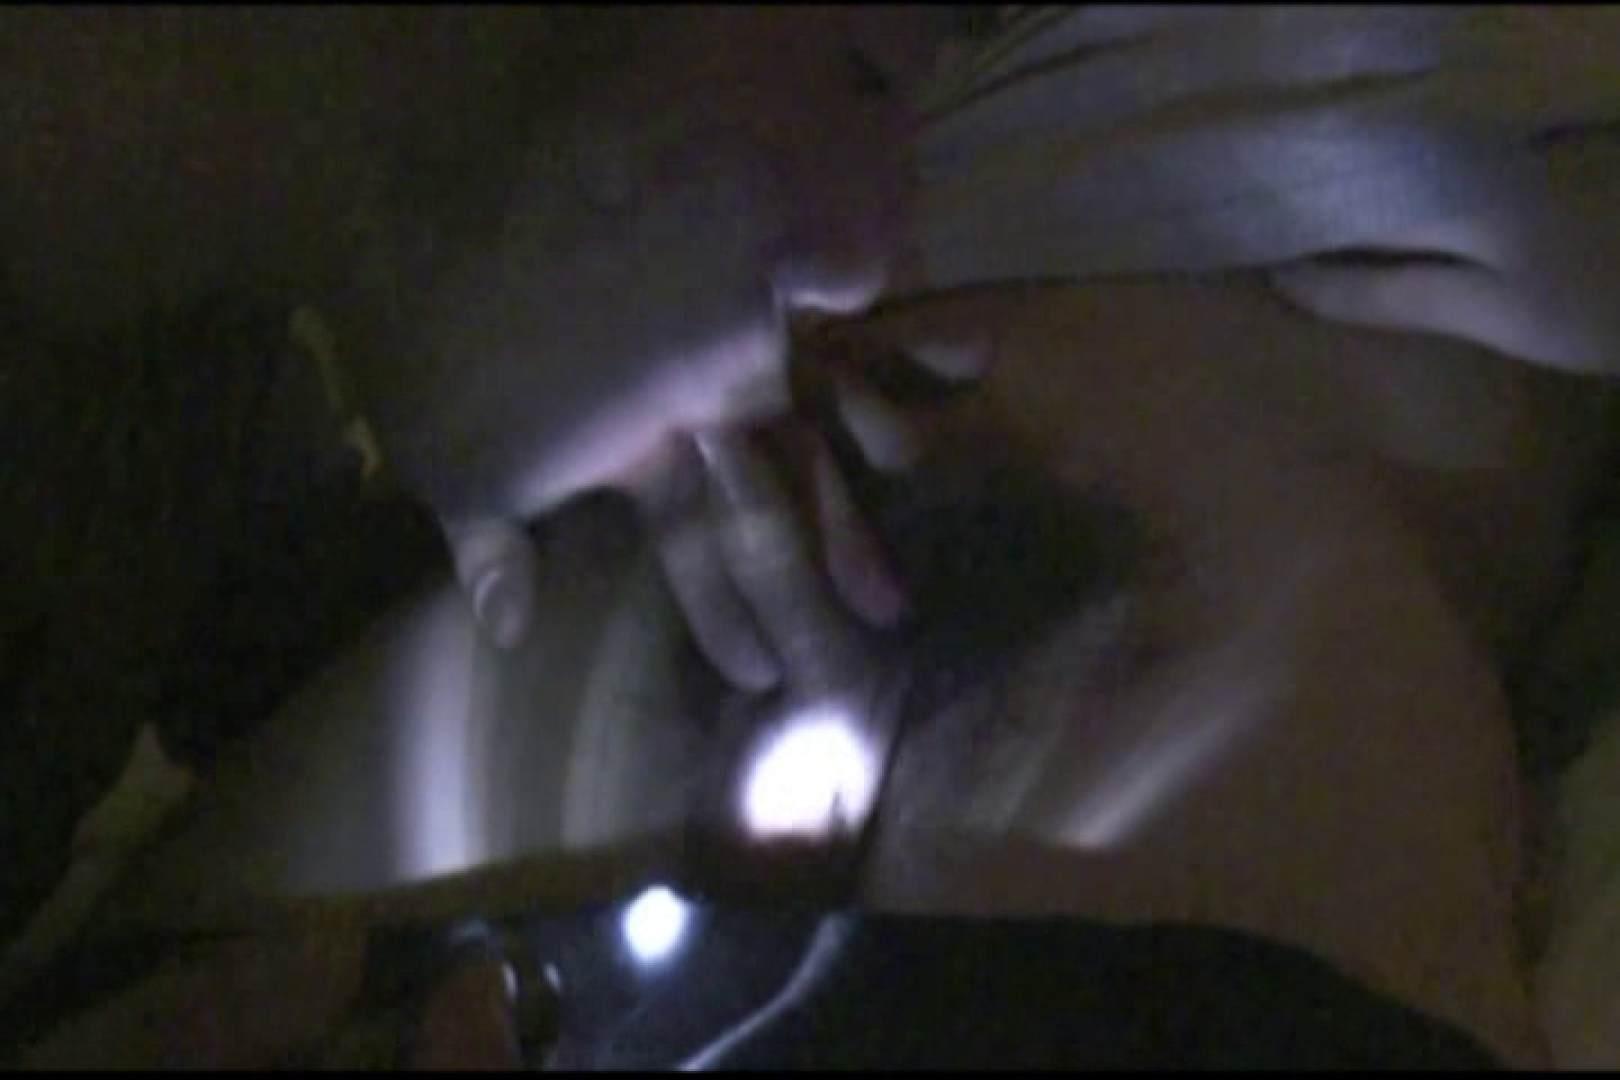 ドッきり悪戯に失敗した男の末路 前編 フェラDE絶頂 | スジ筋系ボーイズ  107pic 107